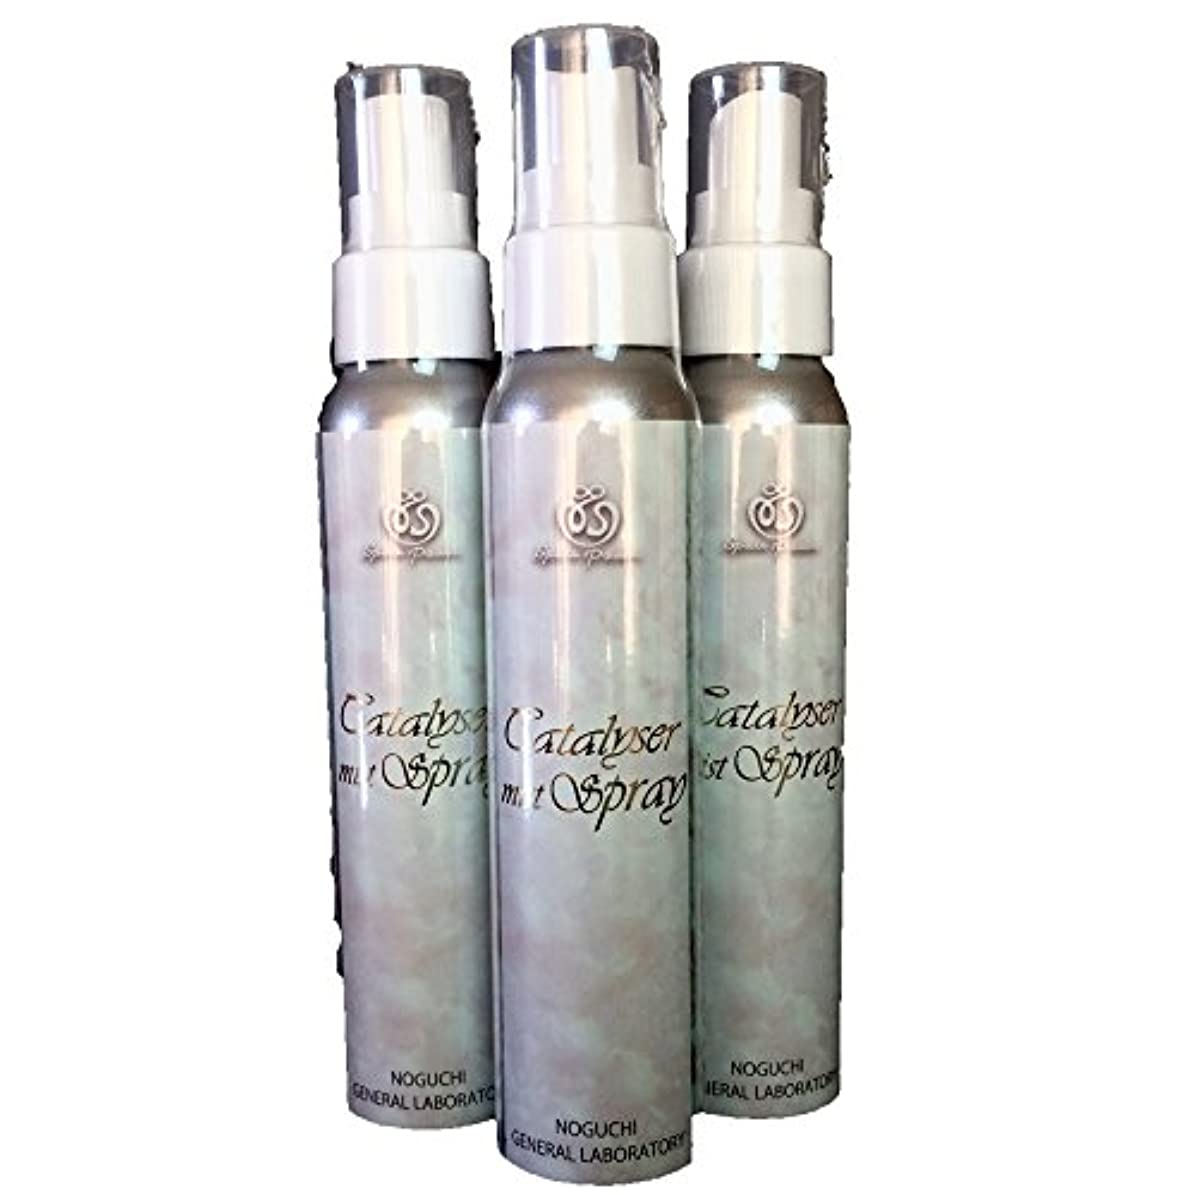 スクレーパー増加するこだわりカタライザーミストスプレー(ミスト化粧水)3本セット